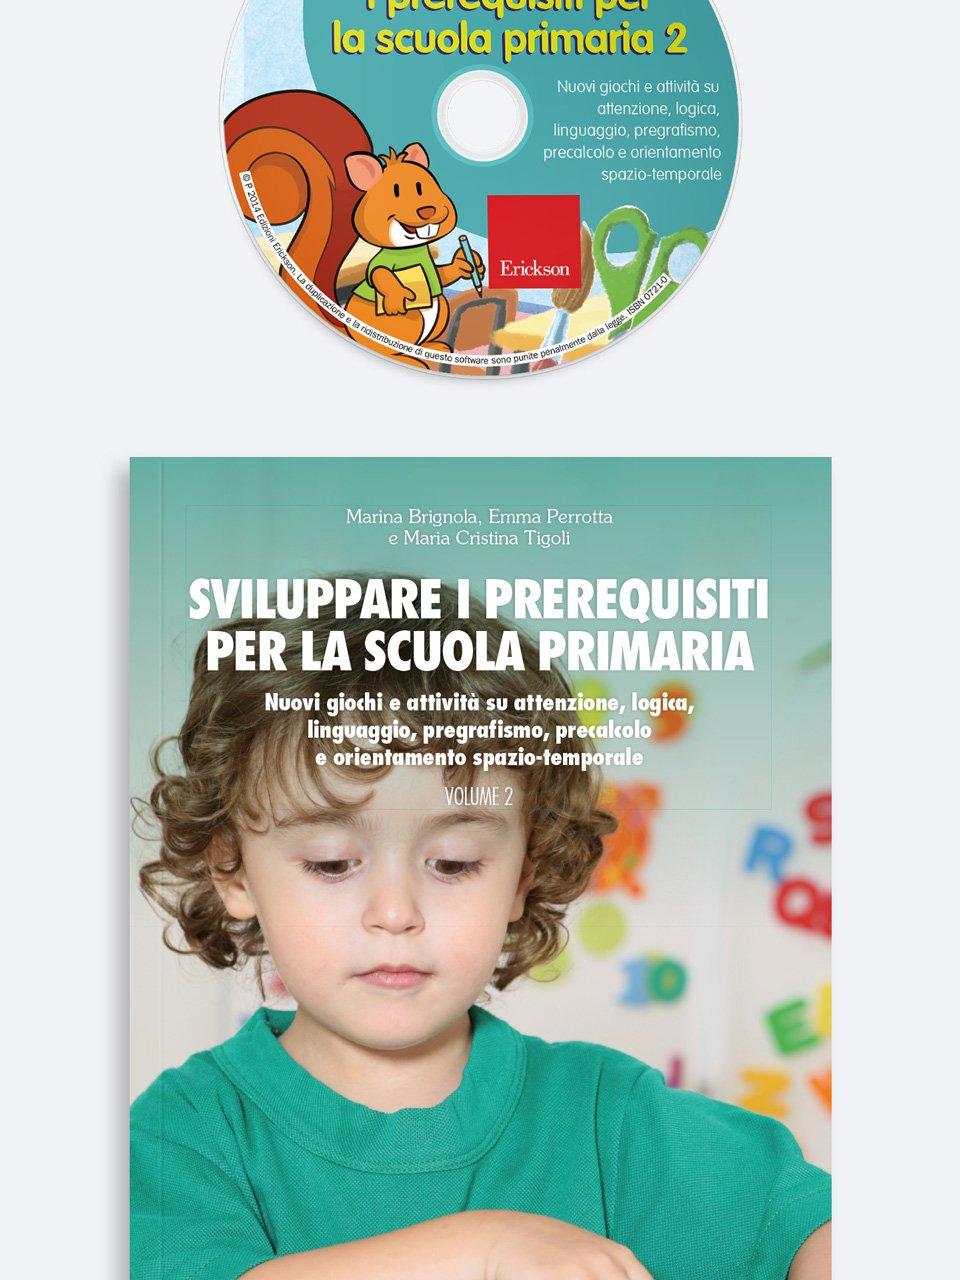 Sviluppare i prerequisiti per la scuola primaria - Volume 2 - Le proposte Erickson per i compiti-delle-vacanze - Erickson 3